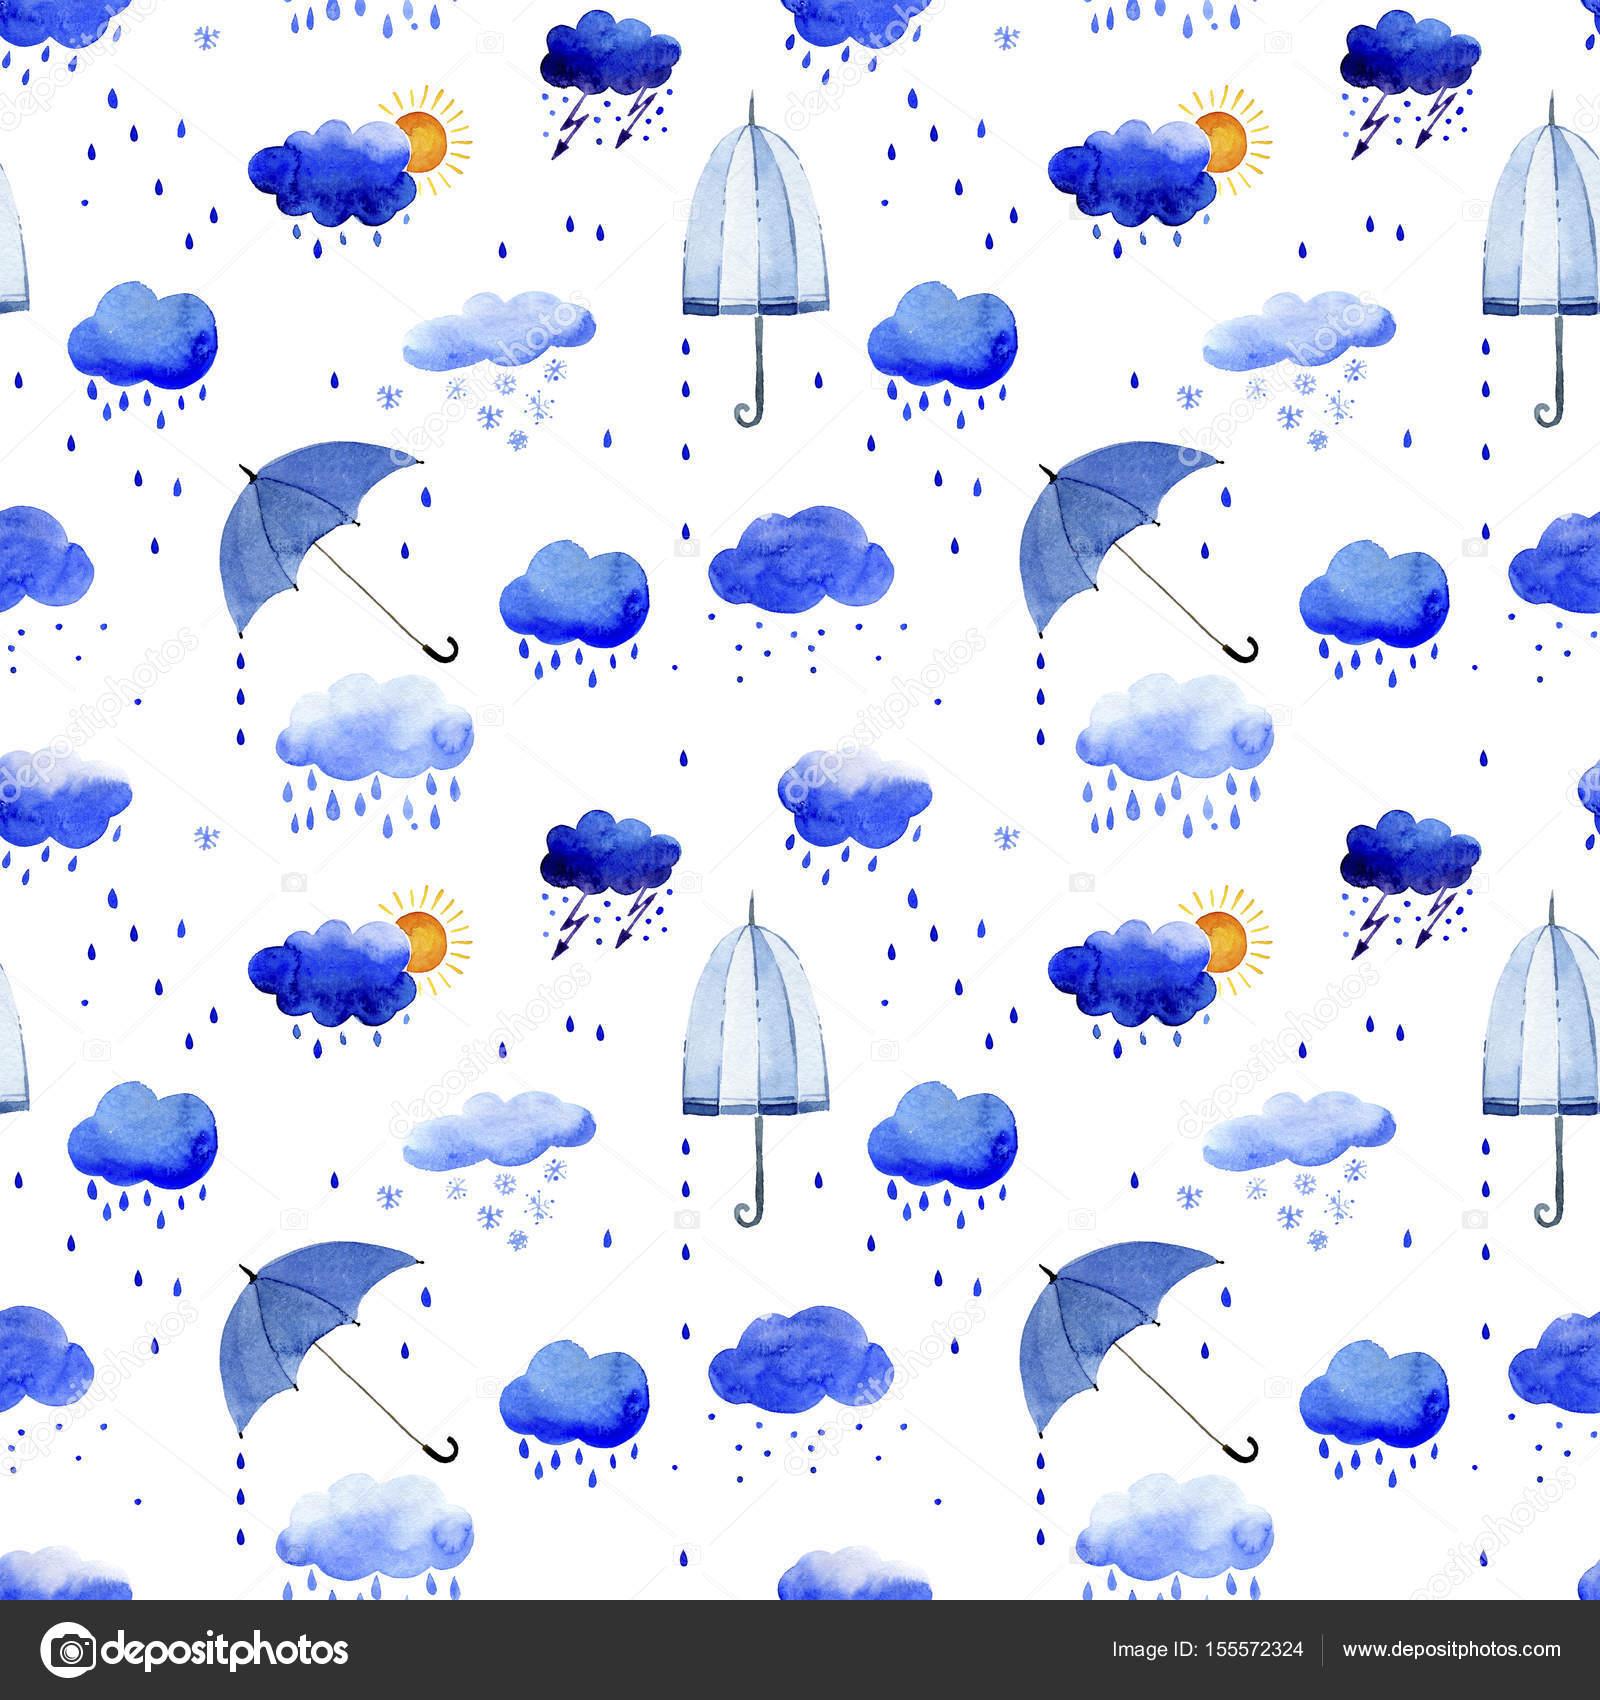 Sulu Boya Dikişsiz Desen Yağmur Bulutları Ve şemsiye Stok Foto